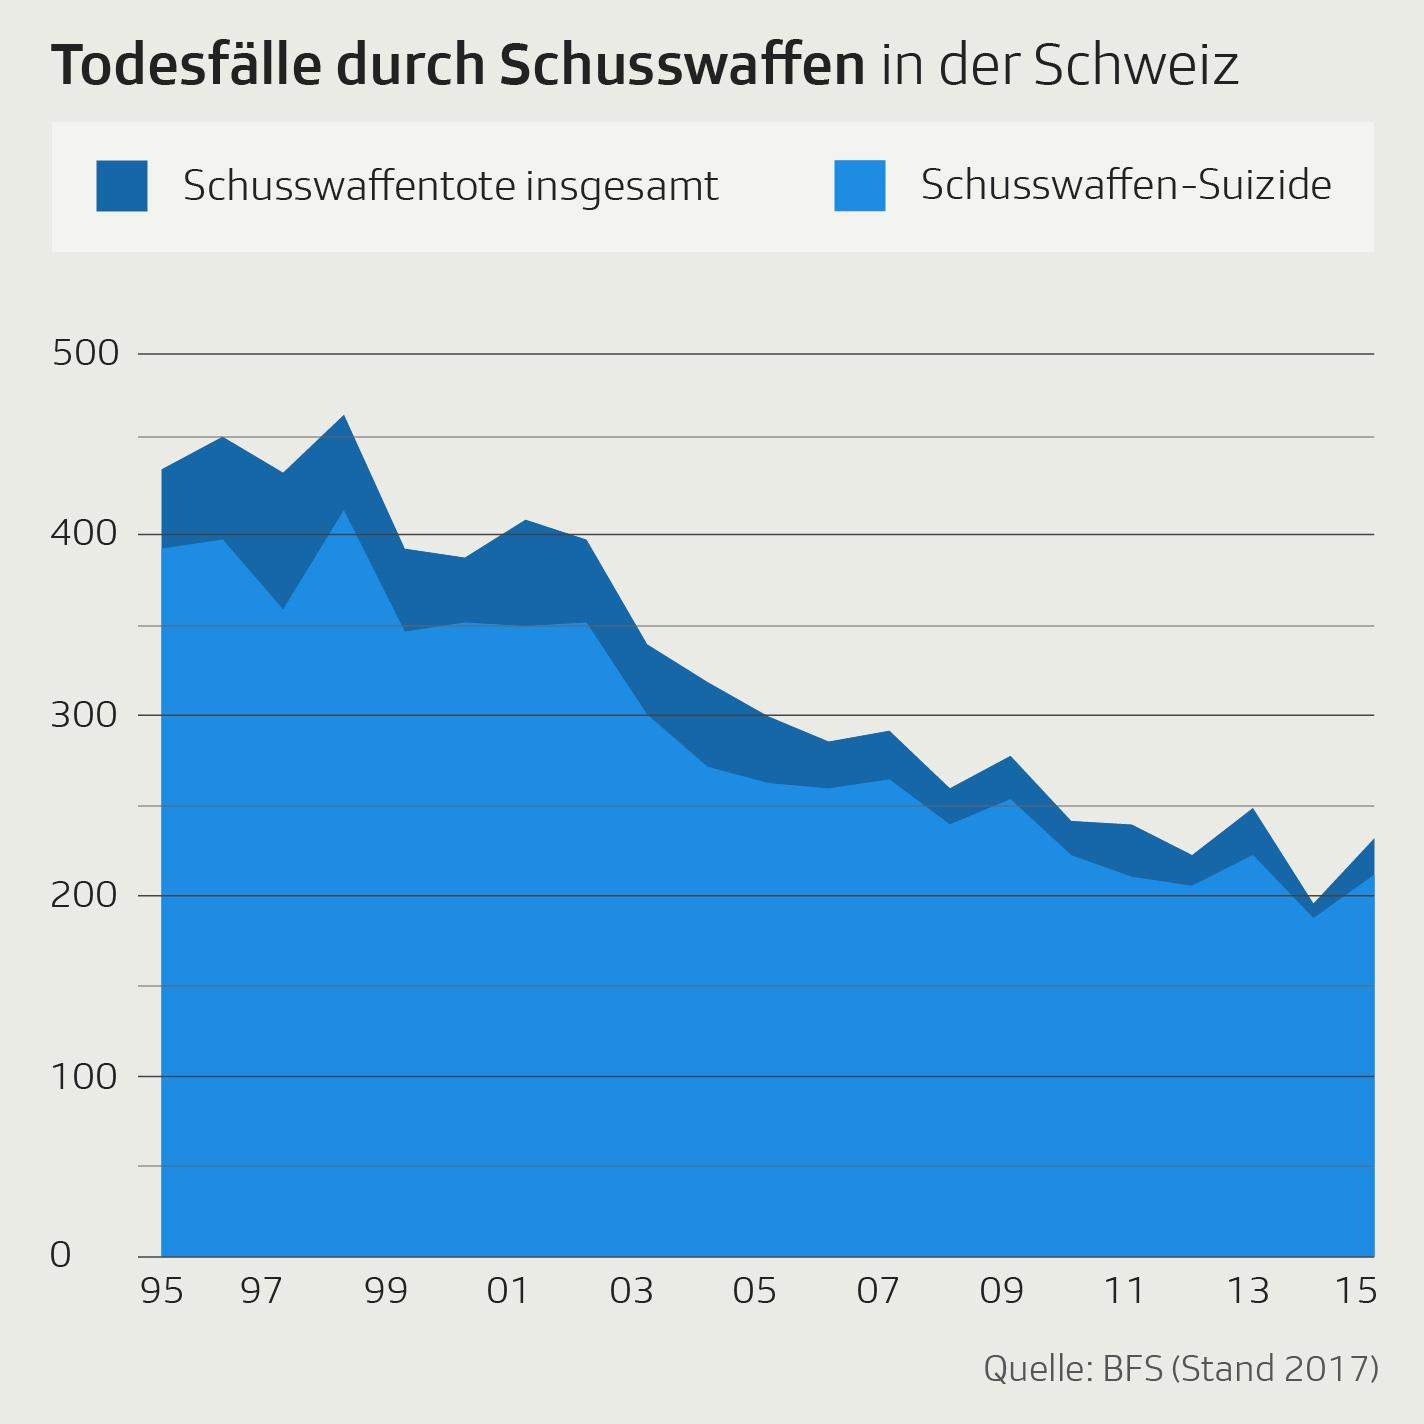 Todesfälle mit Schusswaffen in der Schweiz